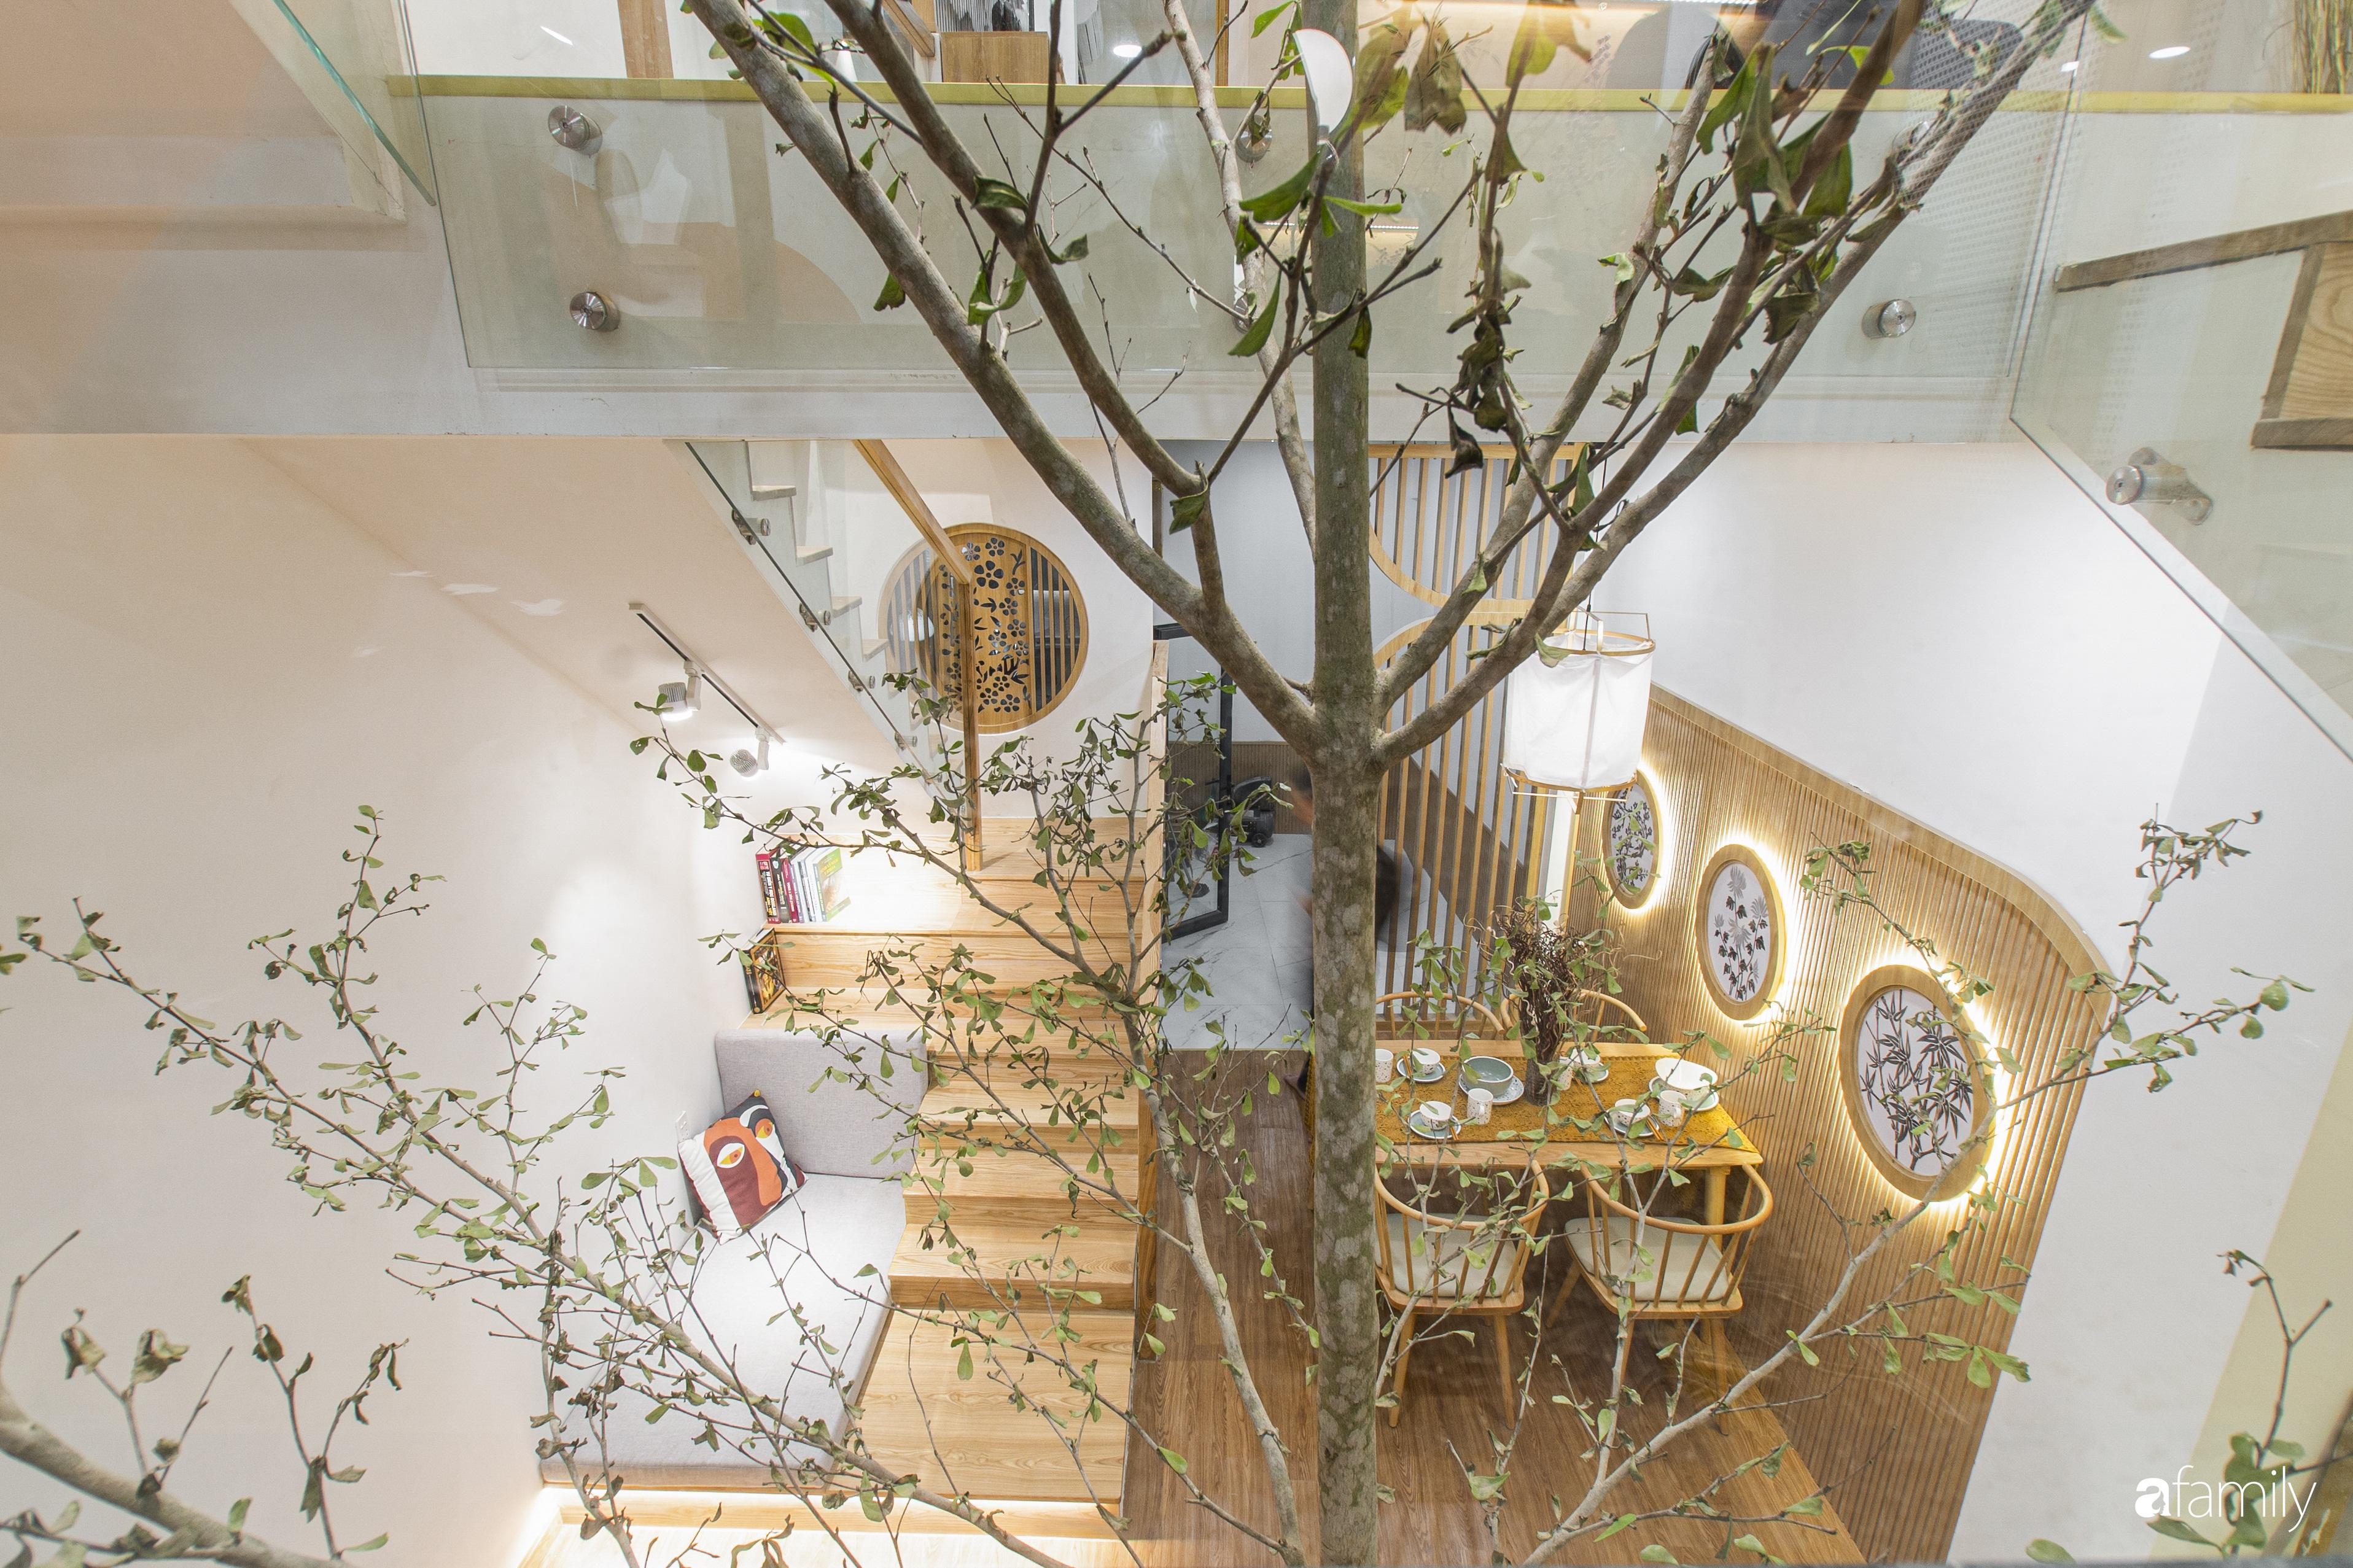 Con trai cải tạo nhà phố hư hỏng nặng thành không gian đậm phong cách Nhật cho bố mẹ an hưởng tuổi già - Ảnh 5.